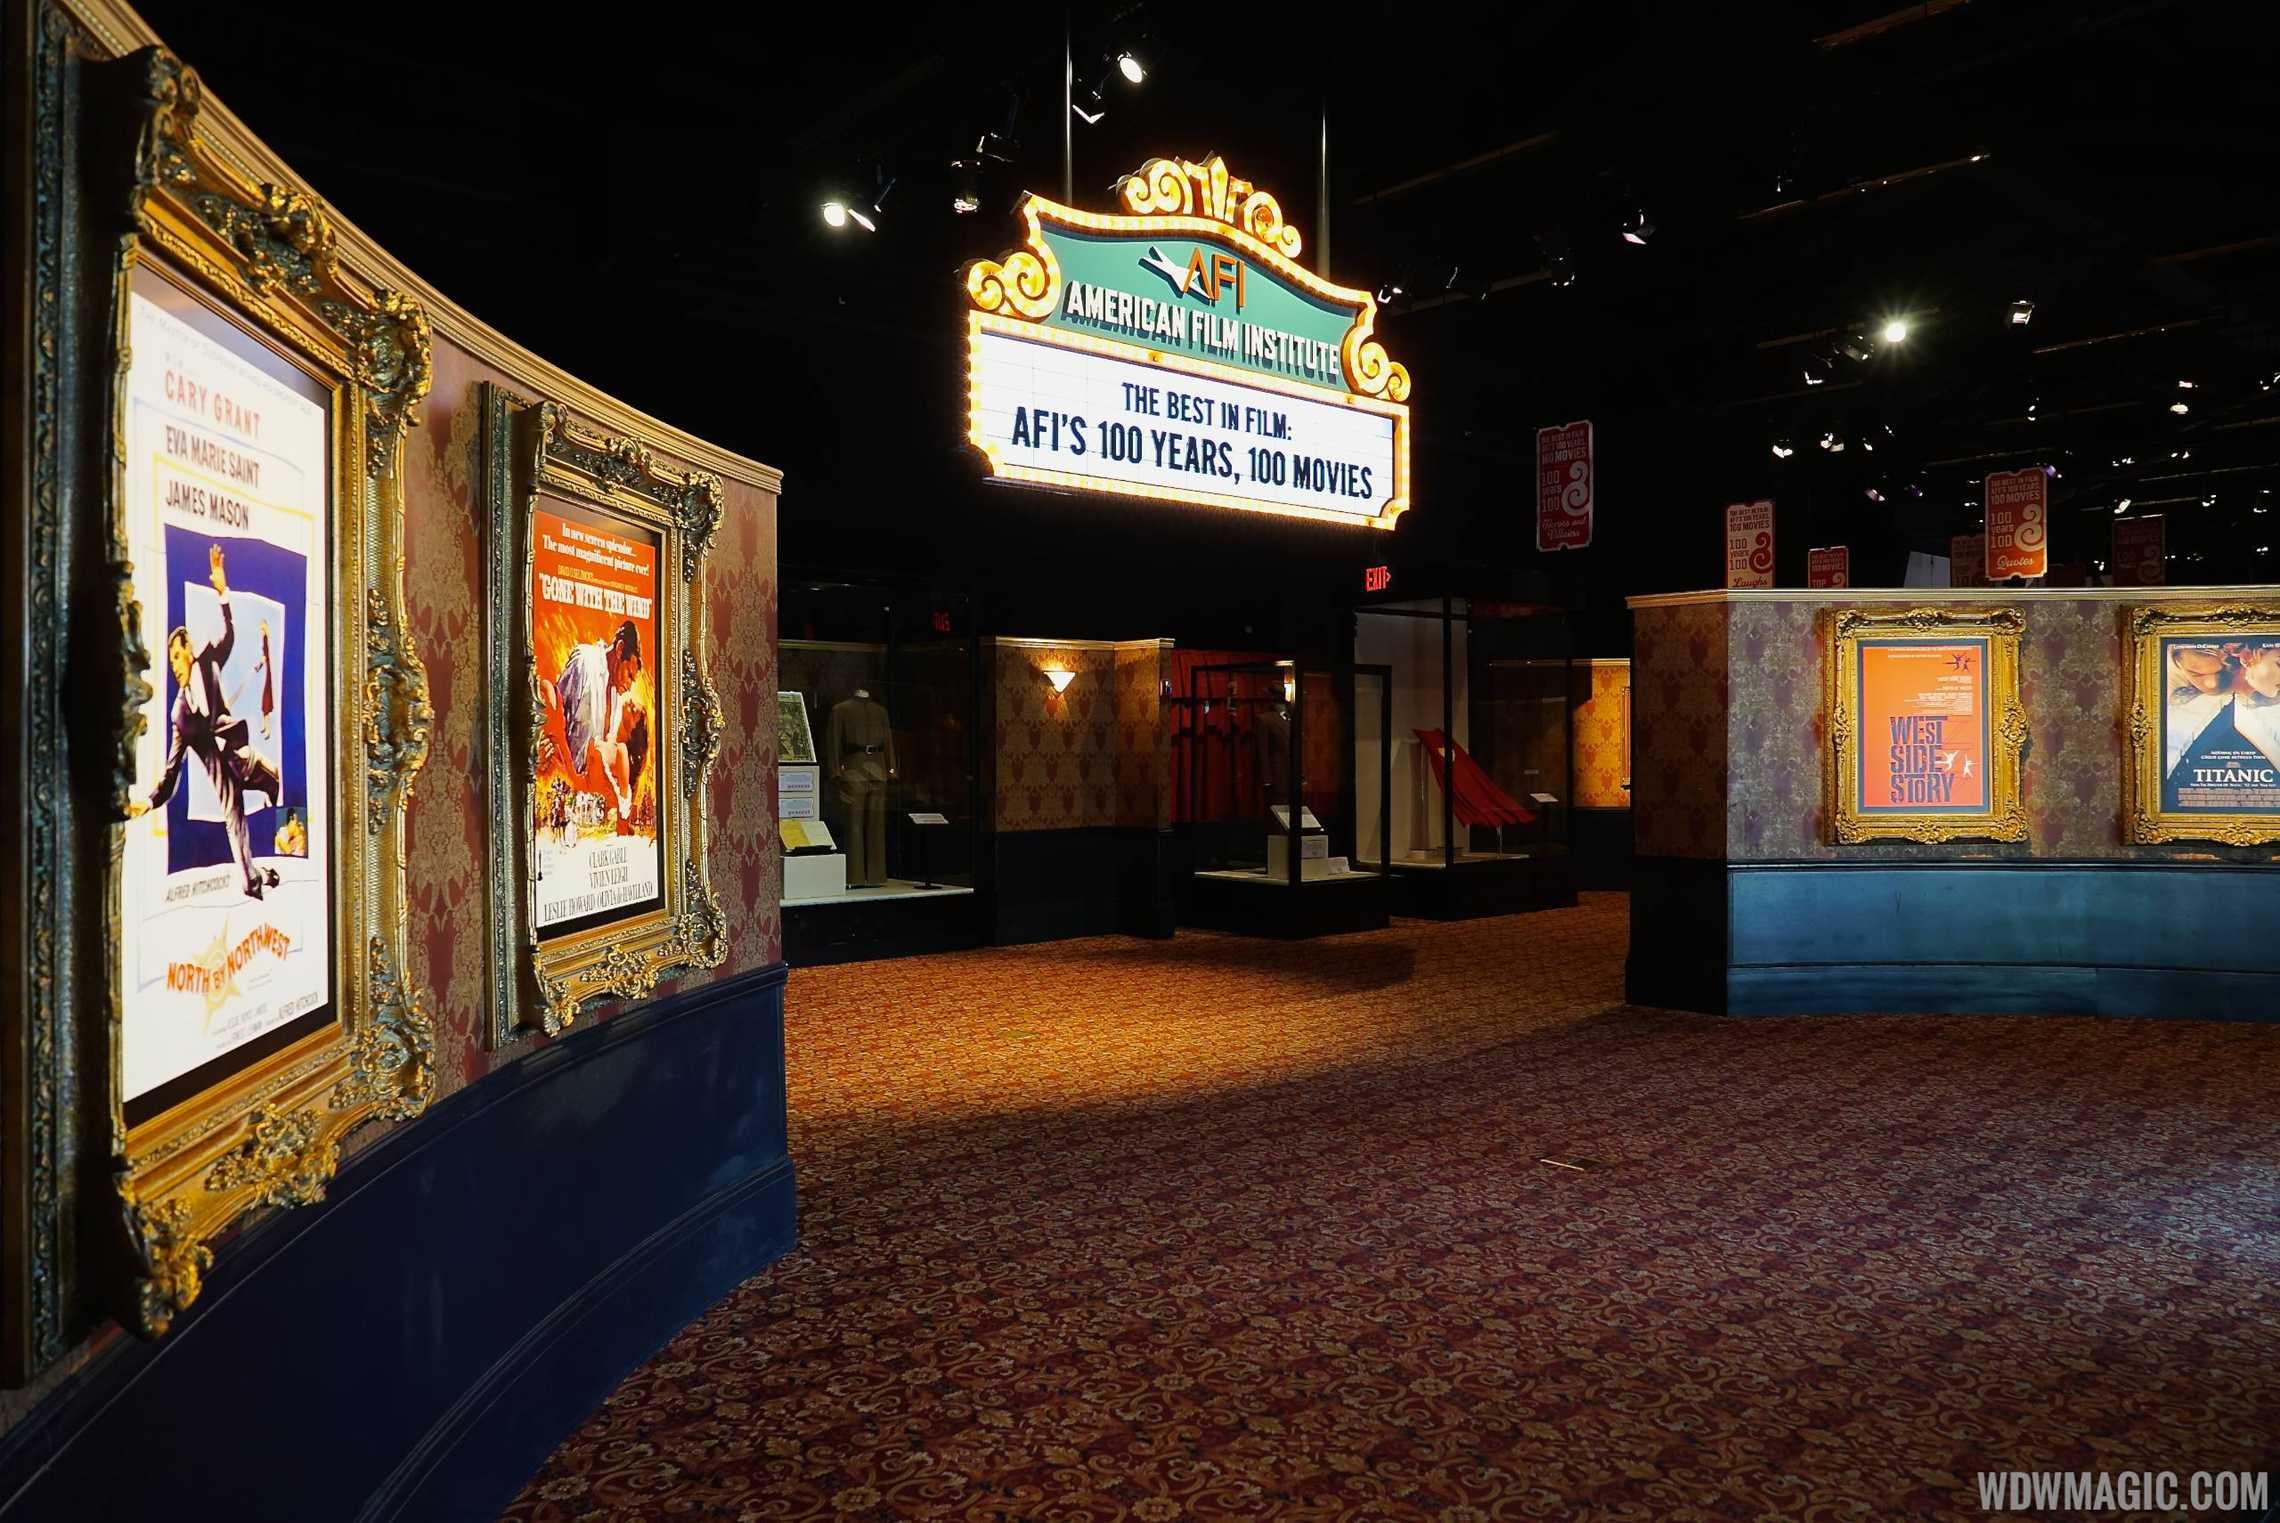 American Film Institute exhibit - Lobby